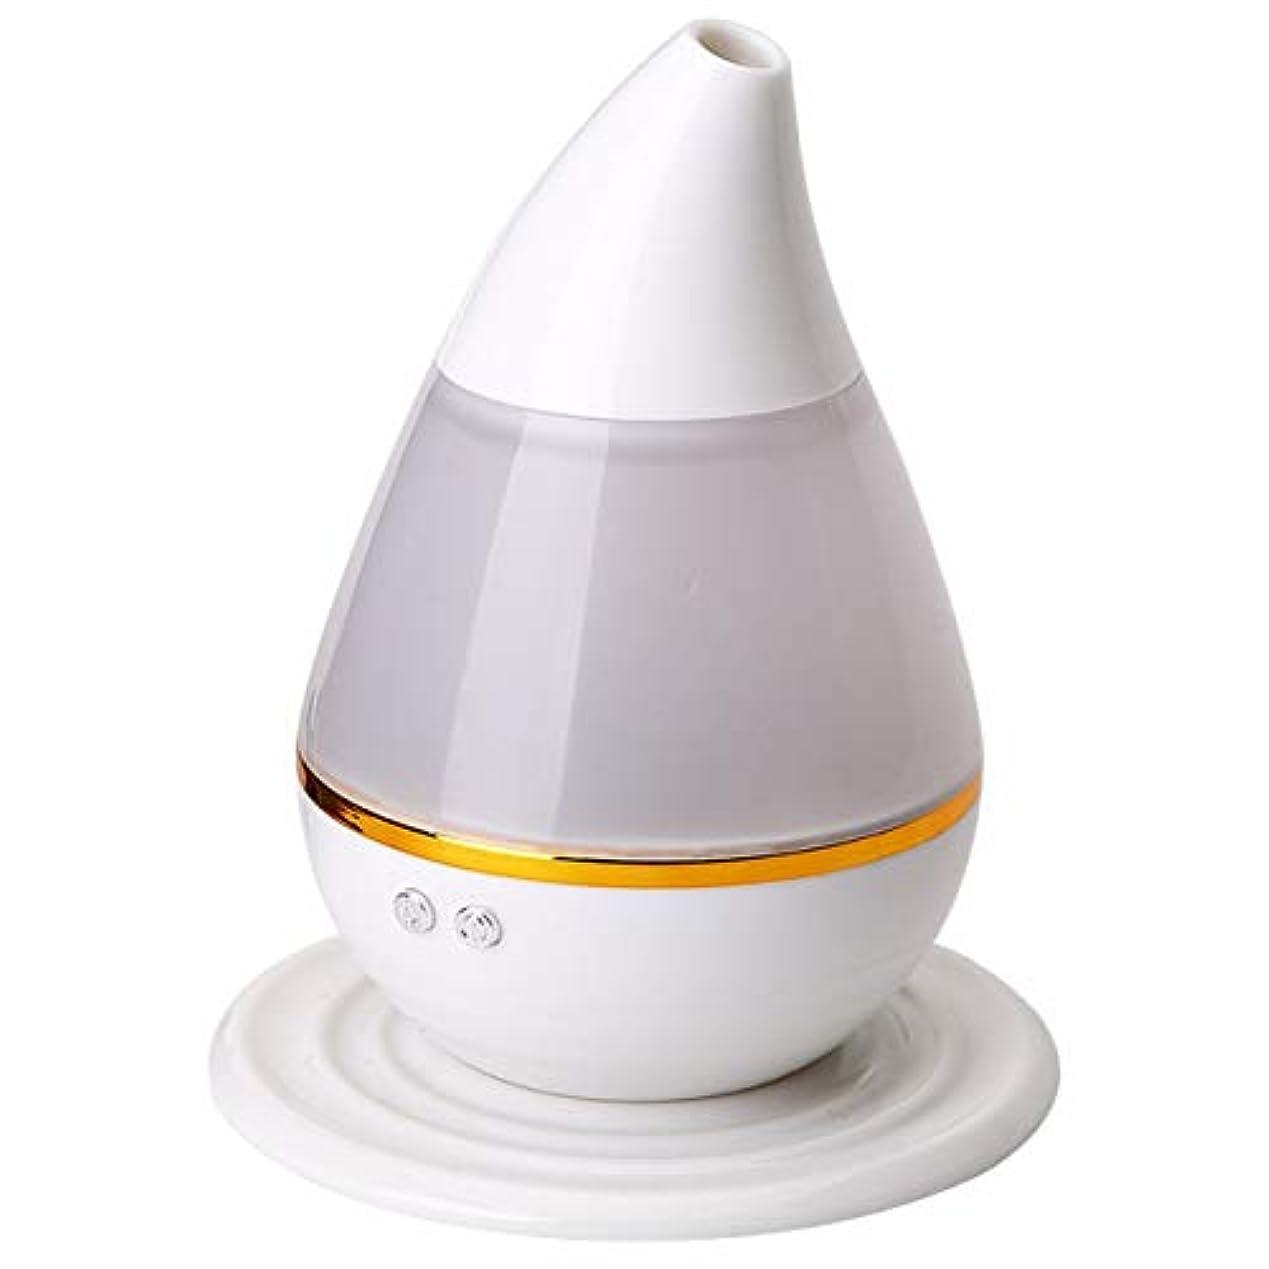 ワーム牧師スキニーSaikogoods 超静音ポータブル超音波加湿器 3D効果ガラスの夜ライトアロマディフューザーベストギフト 白